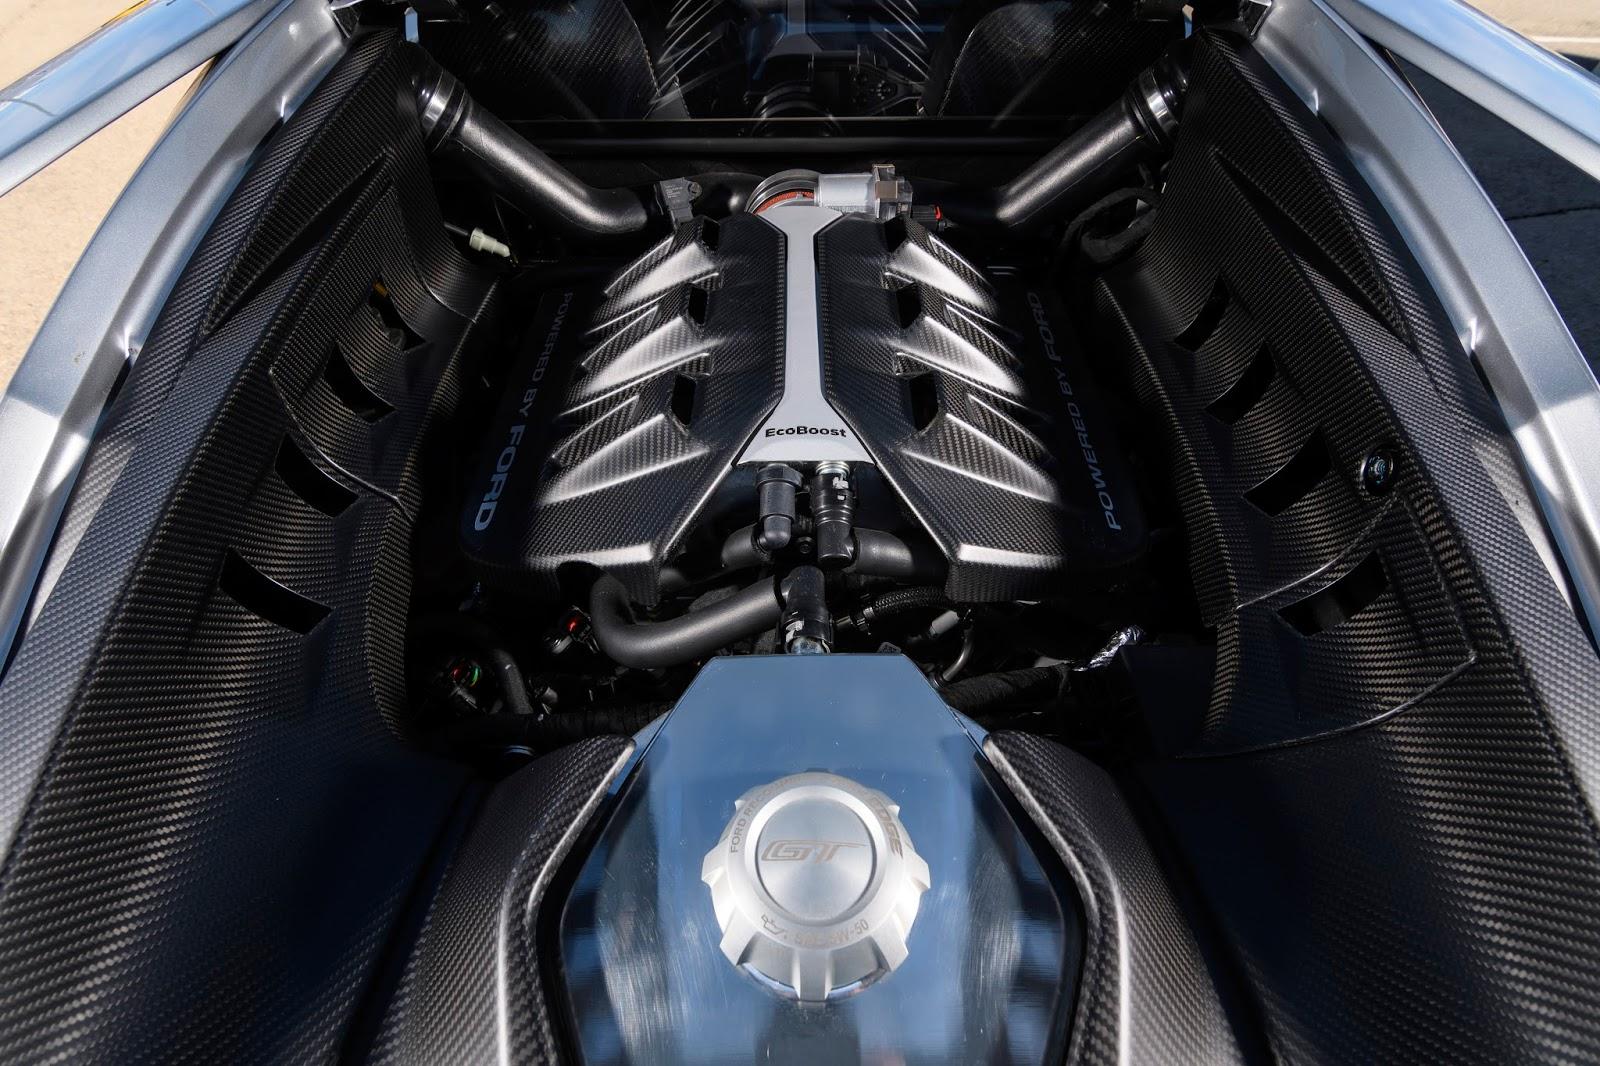 All NewFordGT Innovations 10 Ford GT : Το αυτοκίνητο του αύριο... σήμερα Ford, Ford GT, Ford GT 40, Future, supercars, τεχνικά, Τεχνολογία